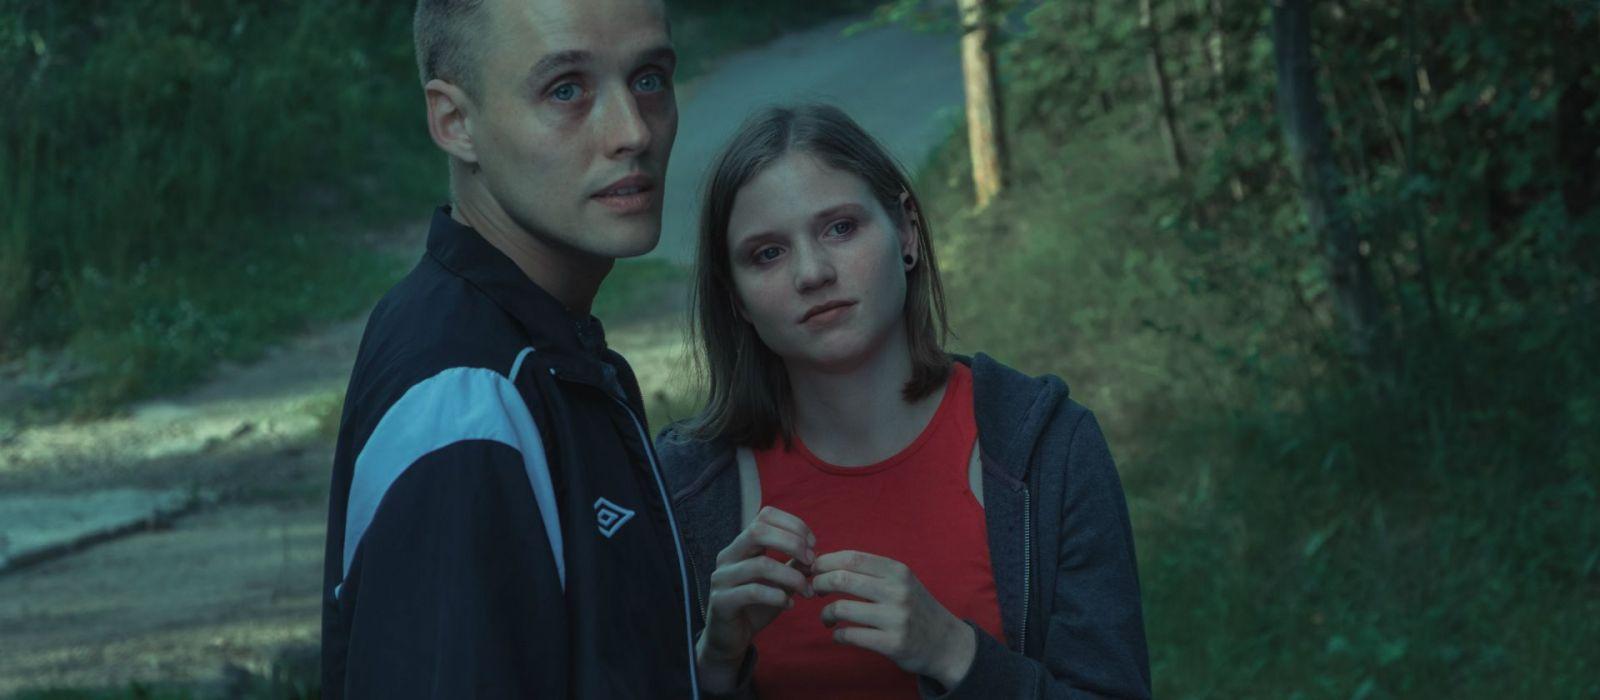 El BCN Film Fest 2020 comunica su palmarés con Regreso a Hope Gap y Corpus Christi como triunfadoras